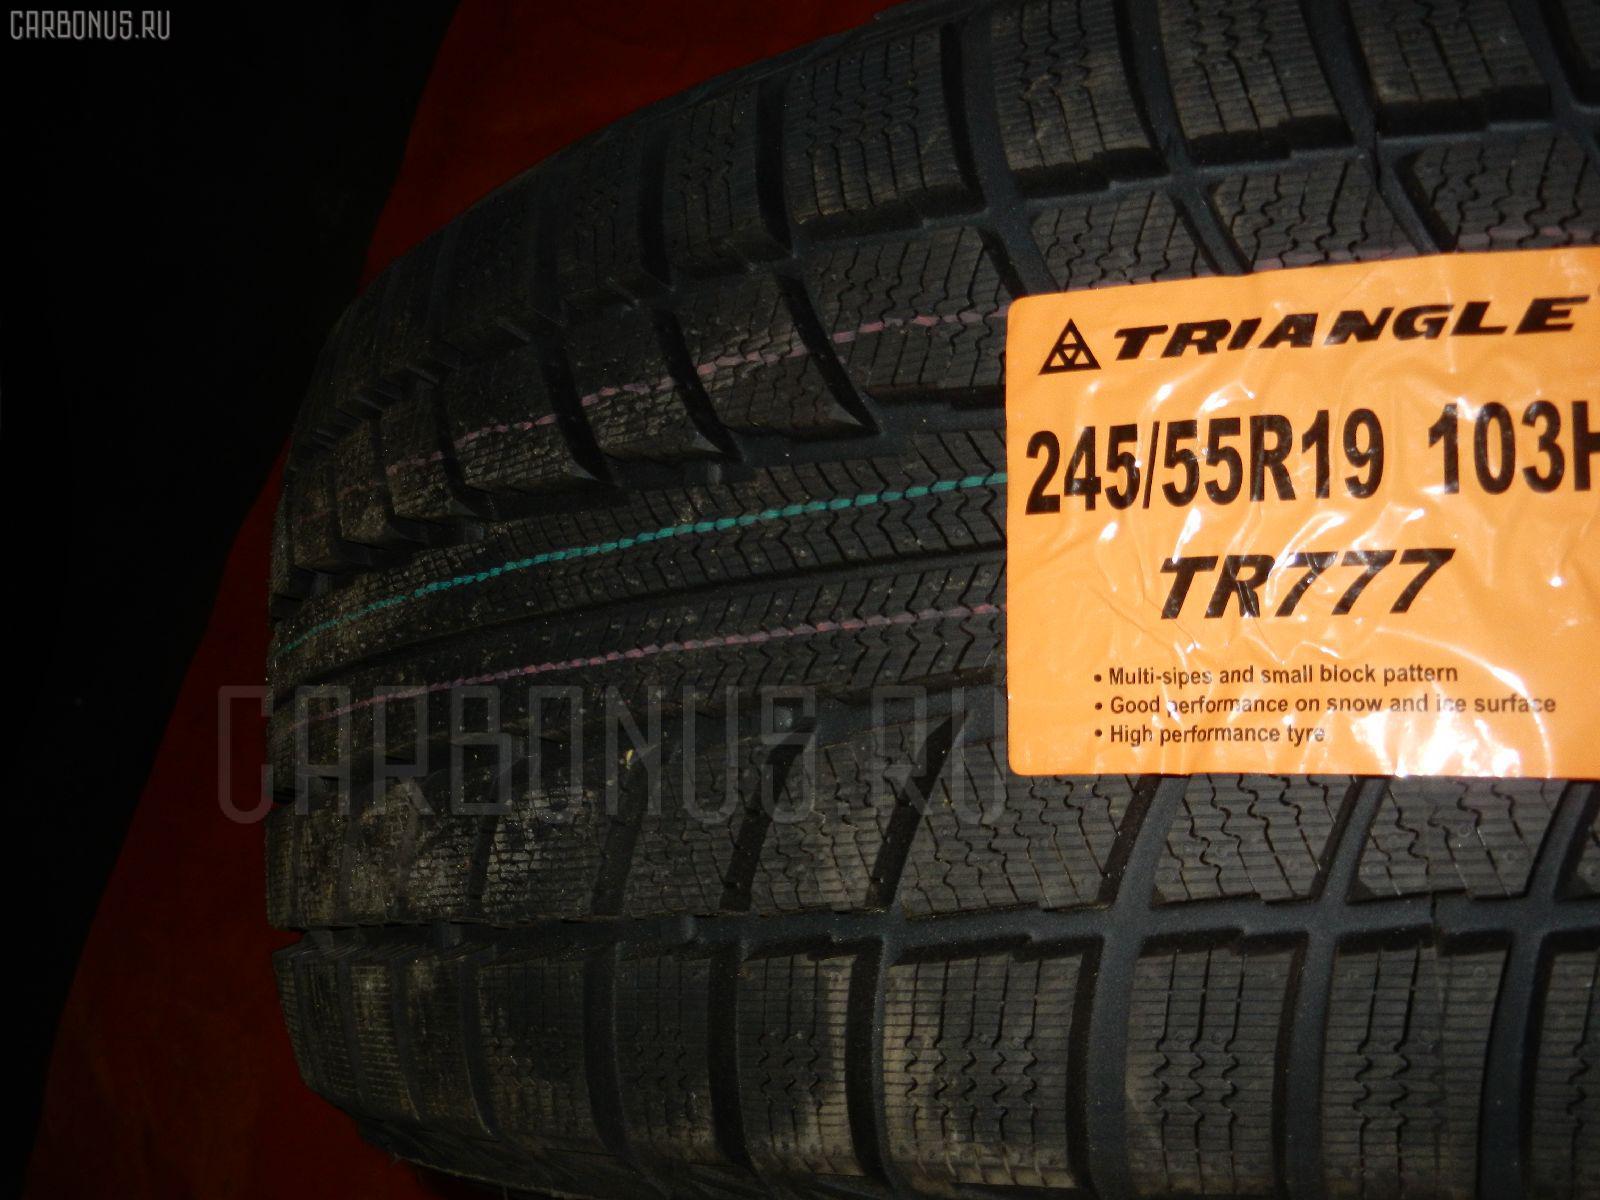 Автошина легковая зимняя Tr777 245/55R19 TRIANGLE Фото 1